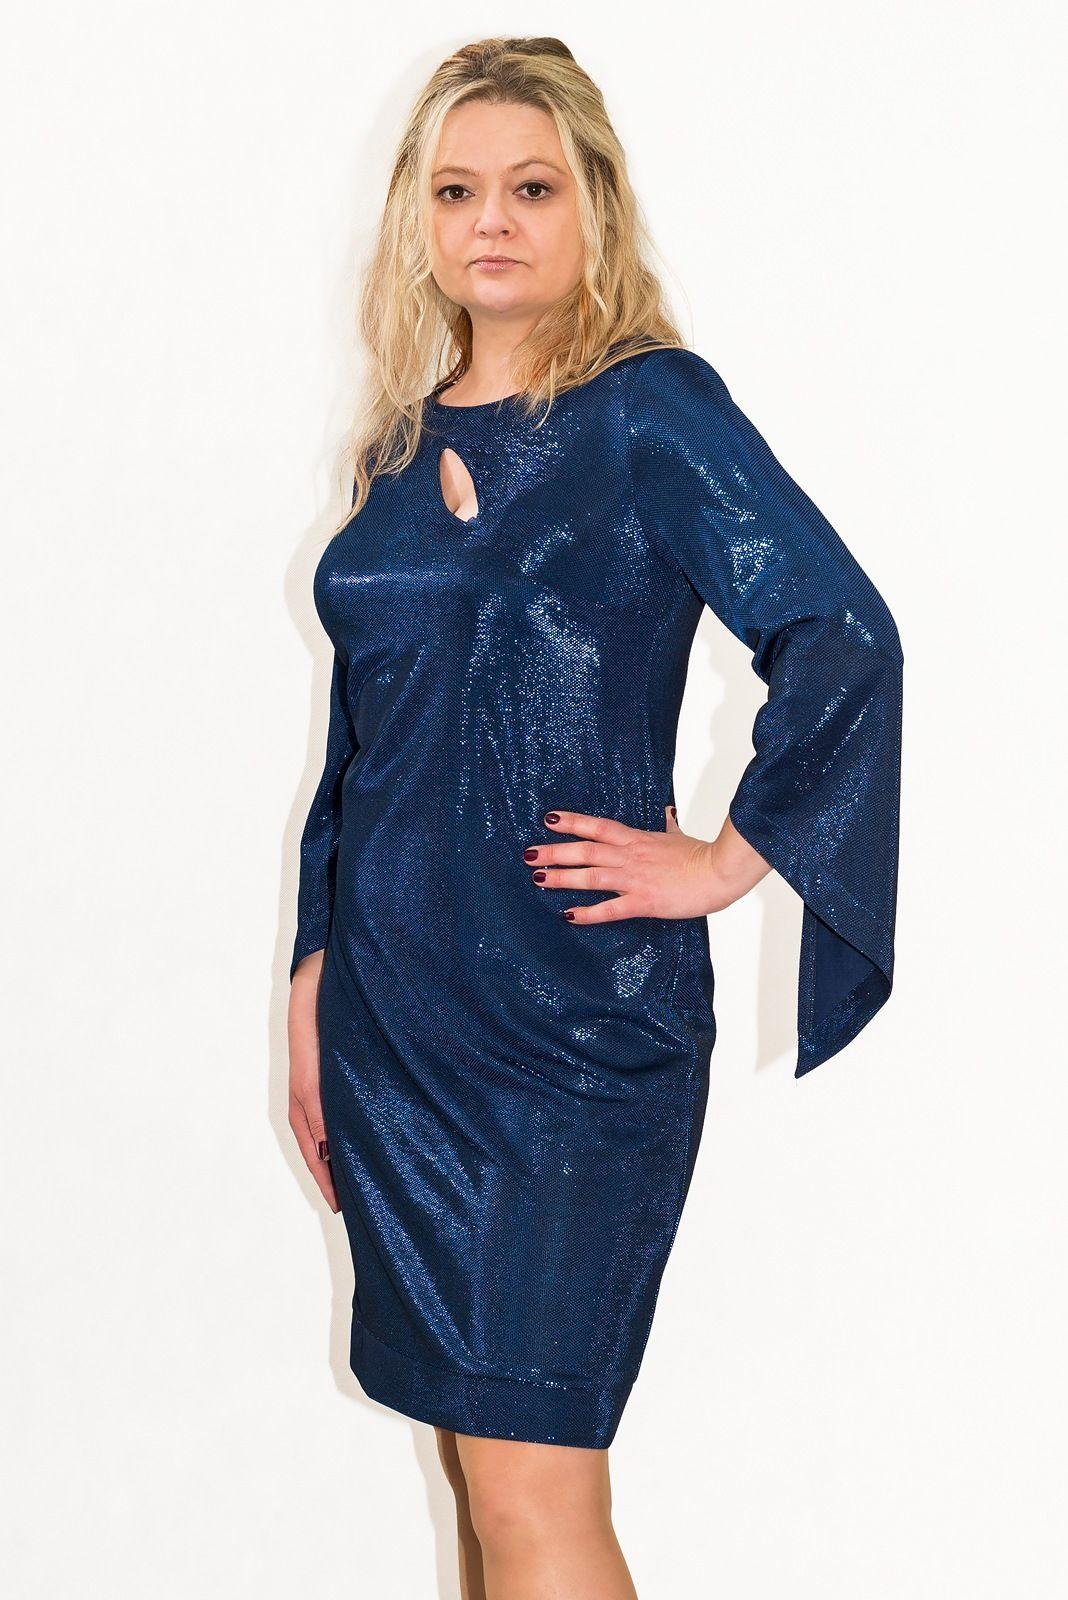 74a577e682  Nowość ➡ ➡  sukienka AMELIA  duże  rozmiary 40-60 😍❣  sklep  internetowy   onlineshopping  kreacja  dla  puszystych  na  sylwestra  bal  impreze ...